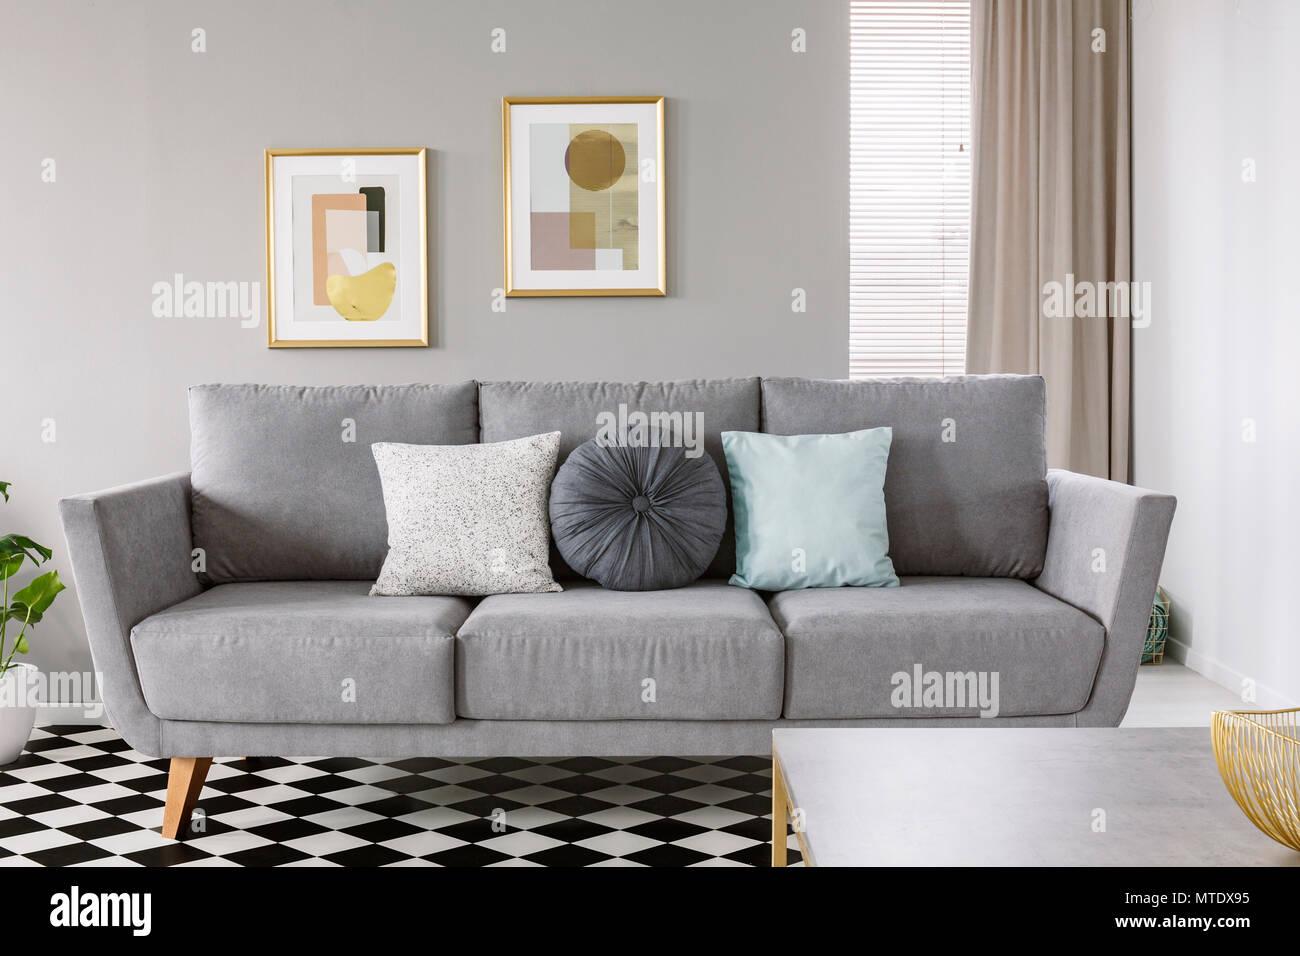 Pavimento Bianco E Grigio : Foto reale di un divano grigio bianco e nero con cuscini in un